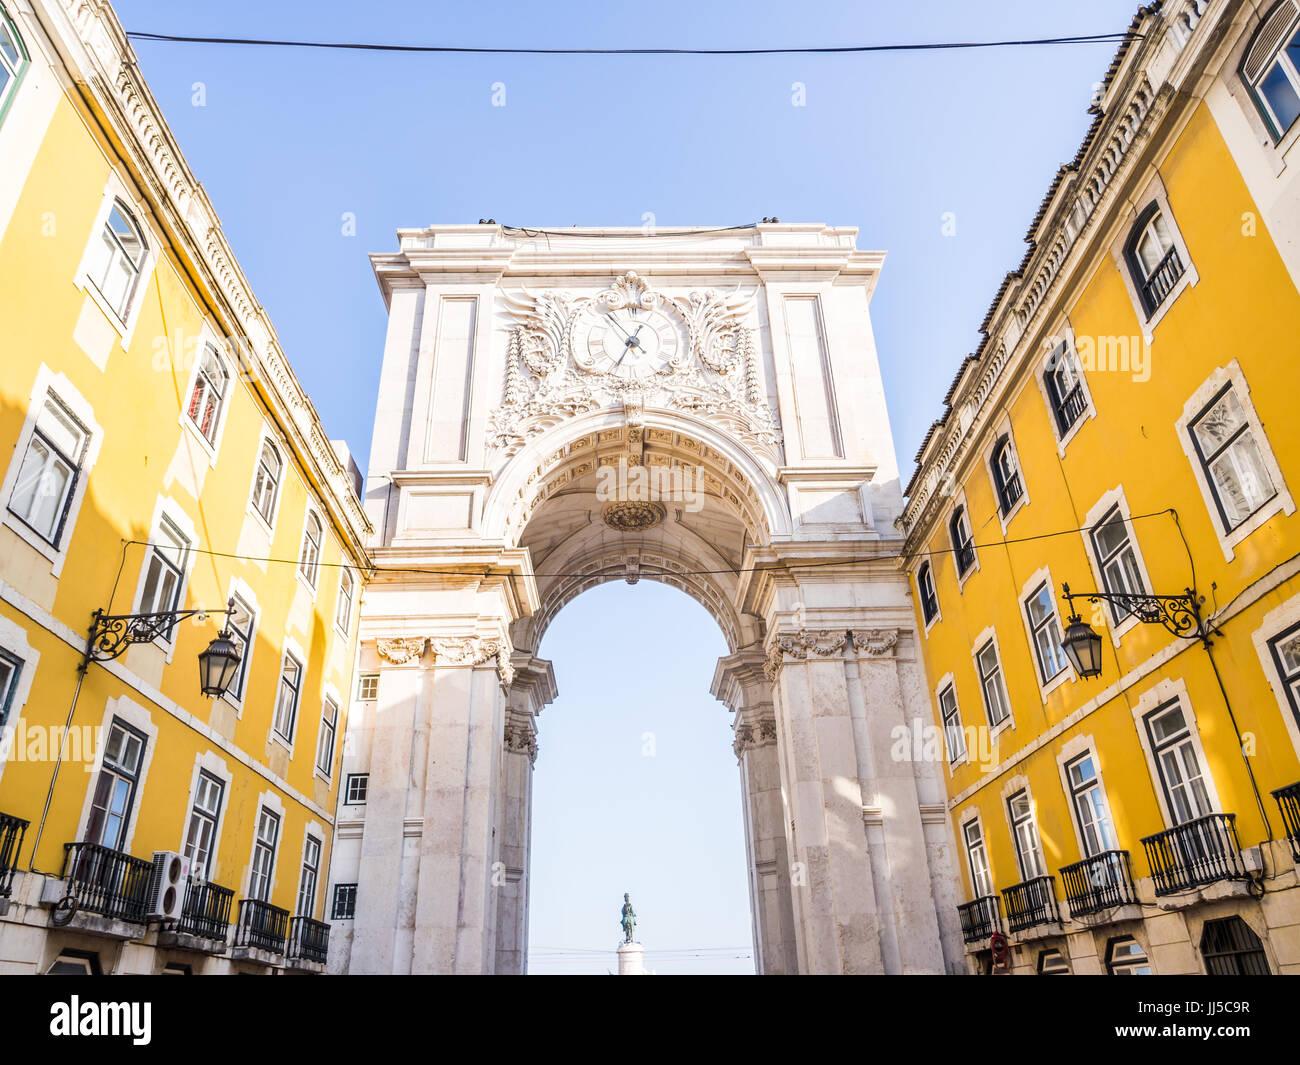 Rua Augusta Arch, ein triumphal Bogen-Like, historische Gebäude in Lissabon, Portugal, auf der Praça Comércio. Stockbild